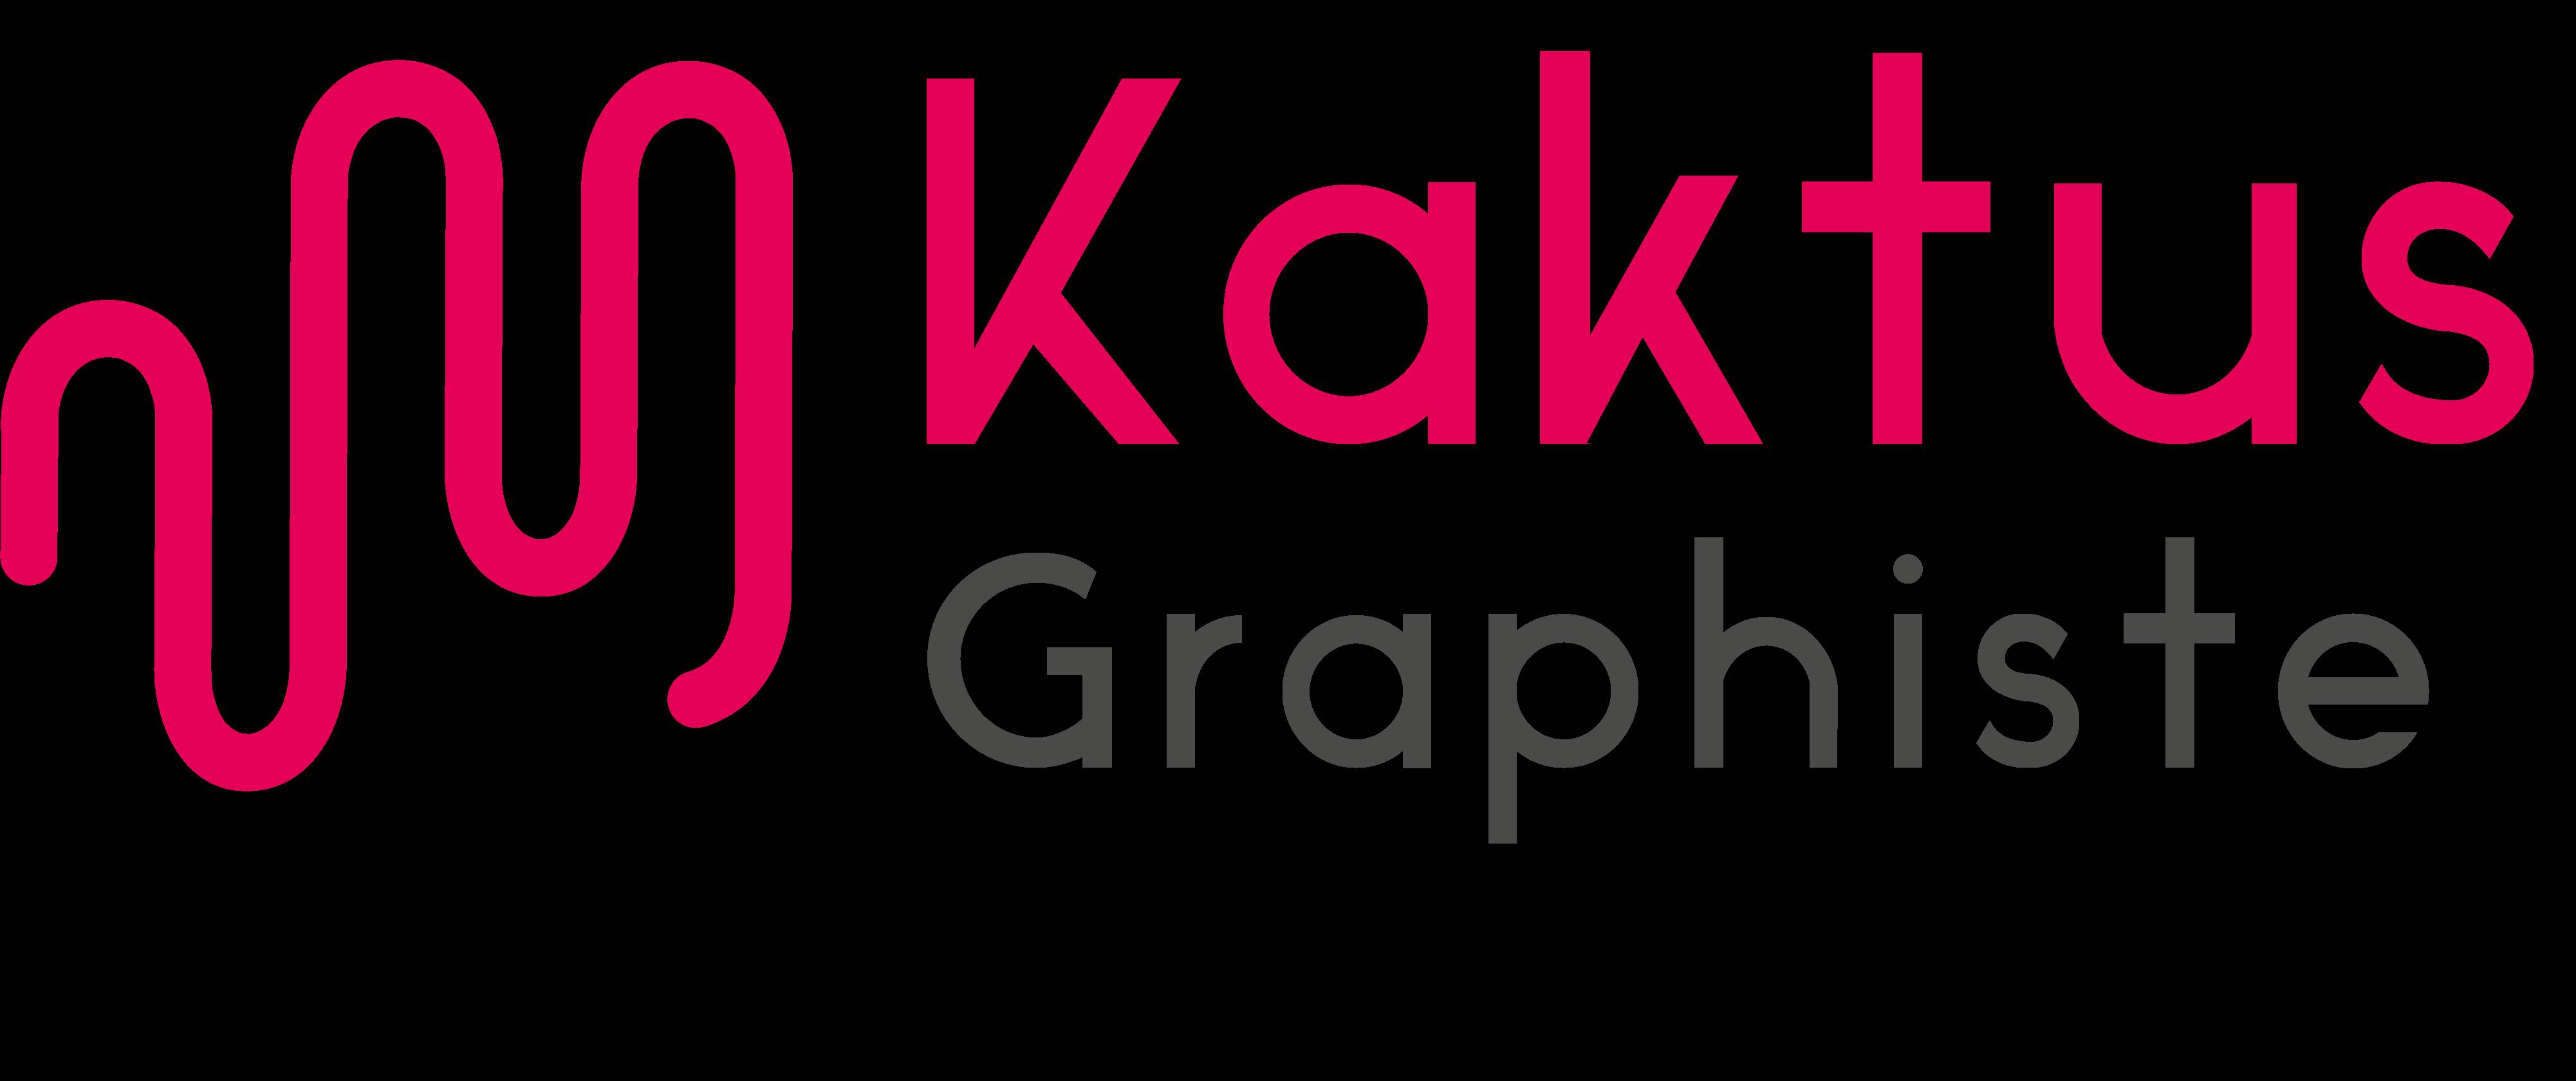 Kaktus Graphiste